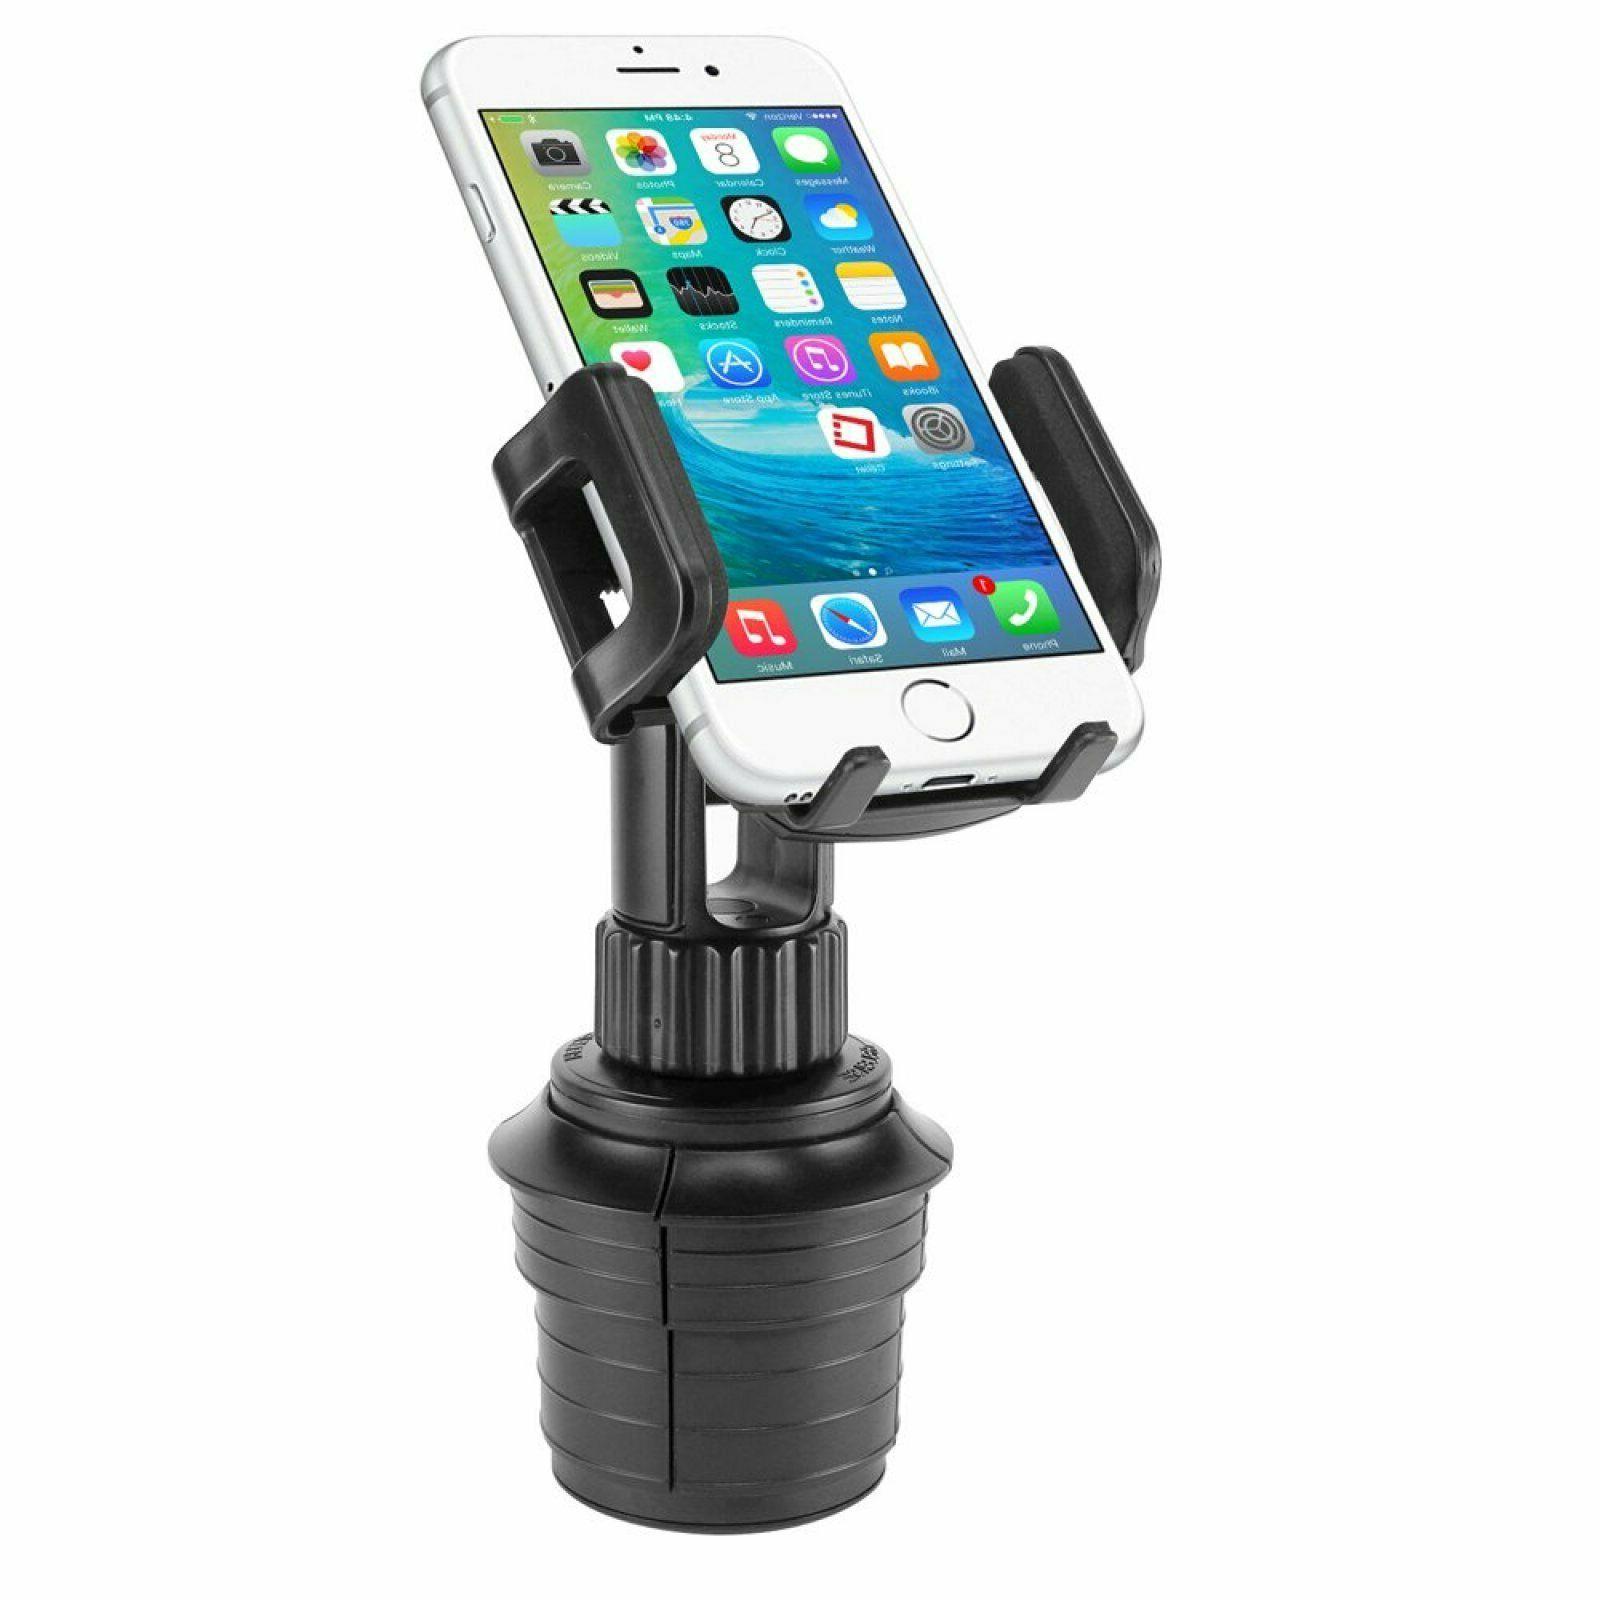 Cellet PH600 Car Cup Holder Mount Adjustable Phone Cradle For XR